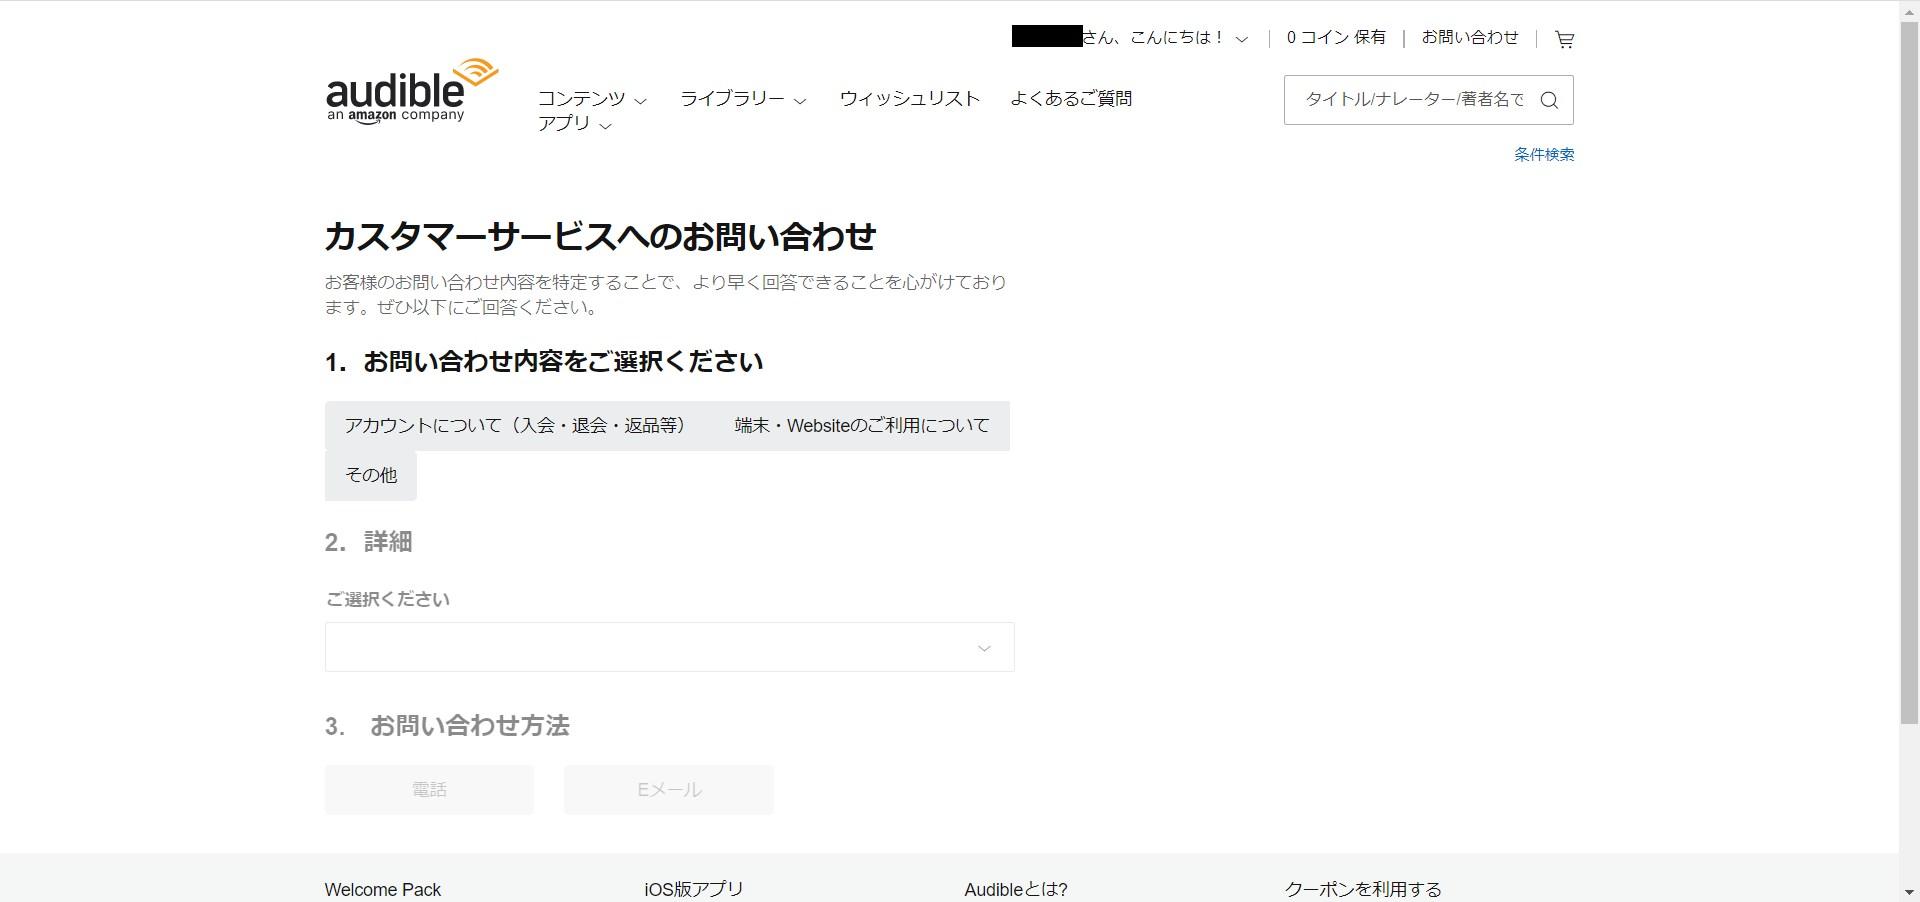 カスタマーサービス②